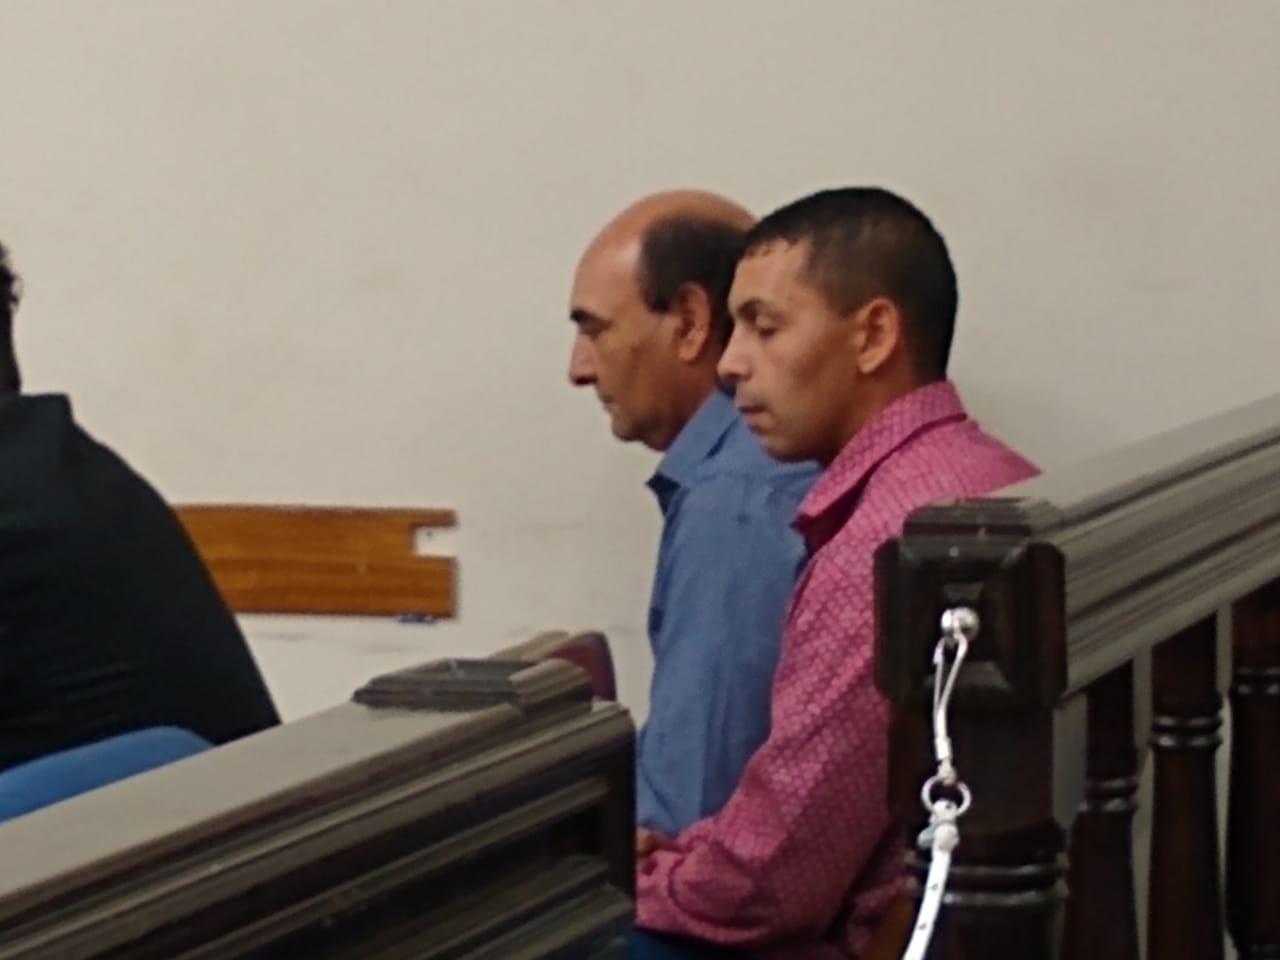 Juicio por Jurados en Quilmes: testigos incriminaron a padre e hijo como autores del homicidio en La Capilla - Infosur Diario